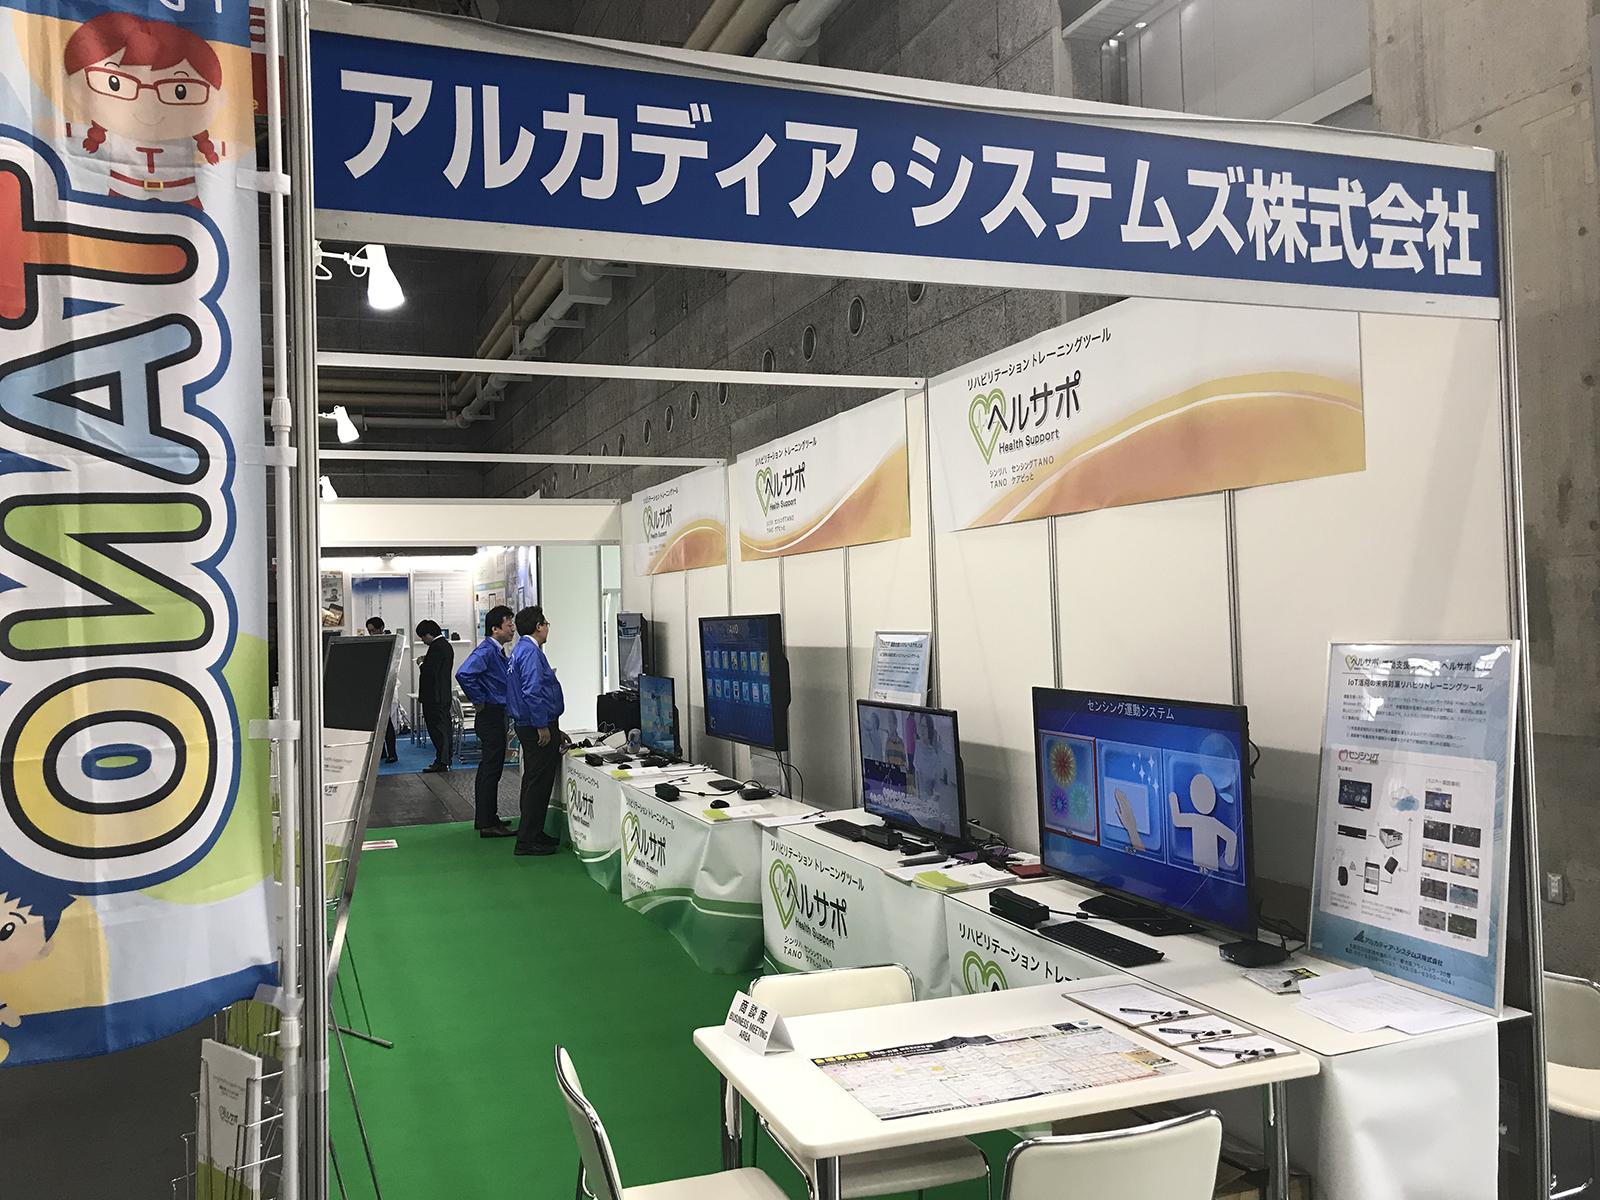 第4回医療・介護 総合EXPO大阪にて「ヘルサポ」出展いたしました